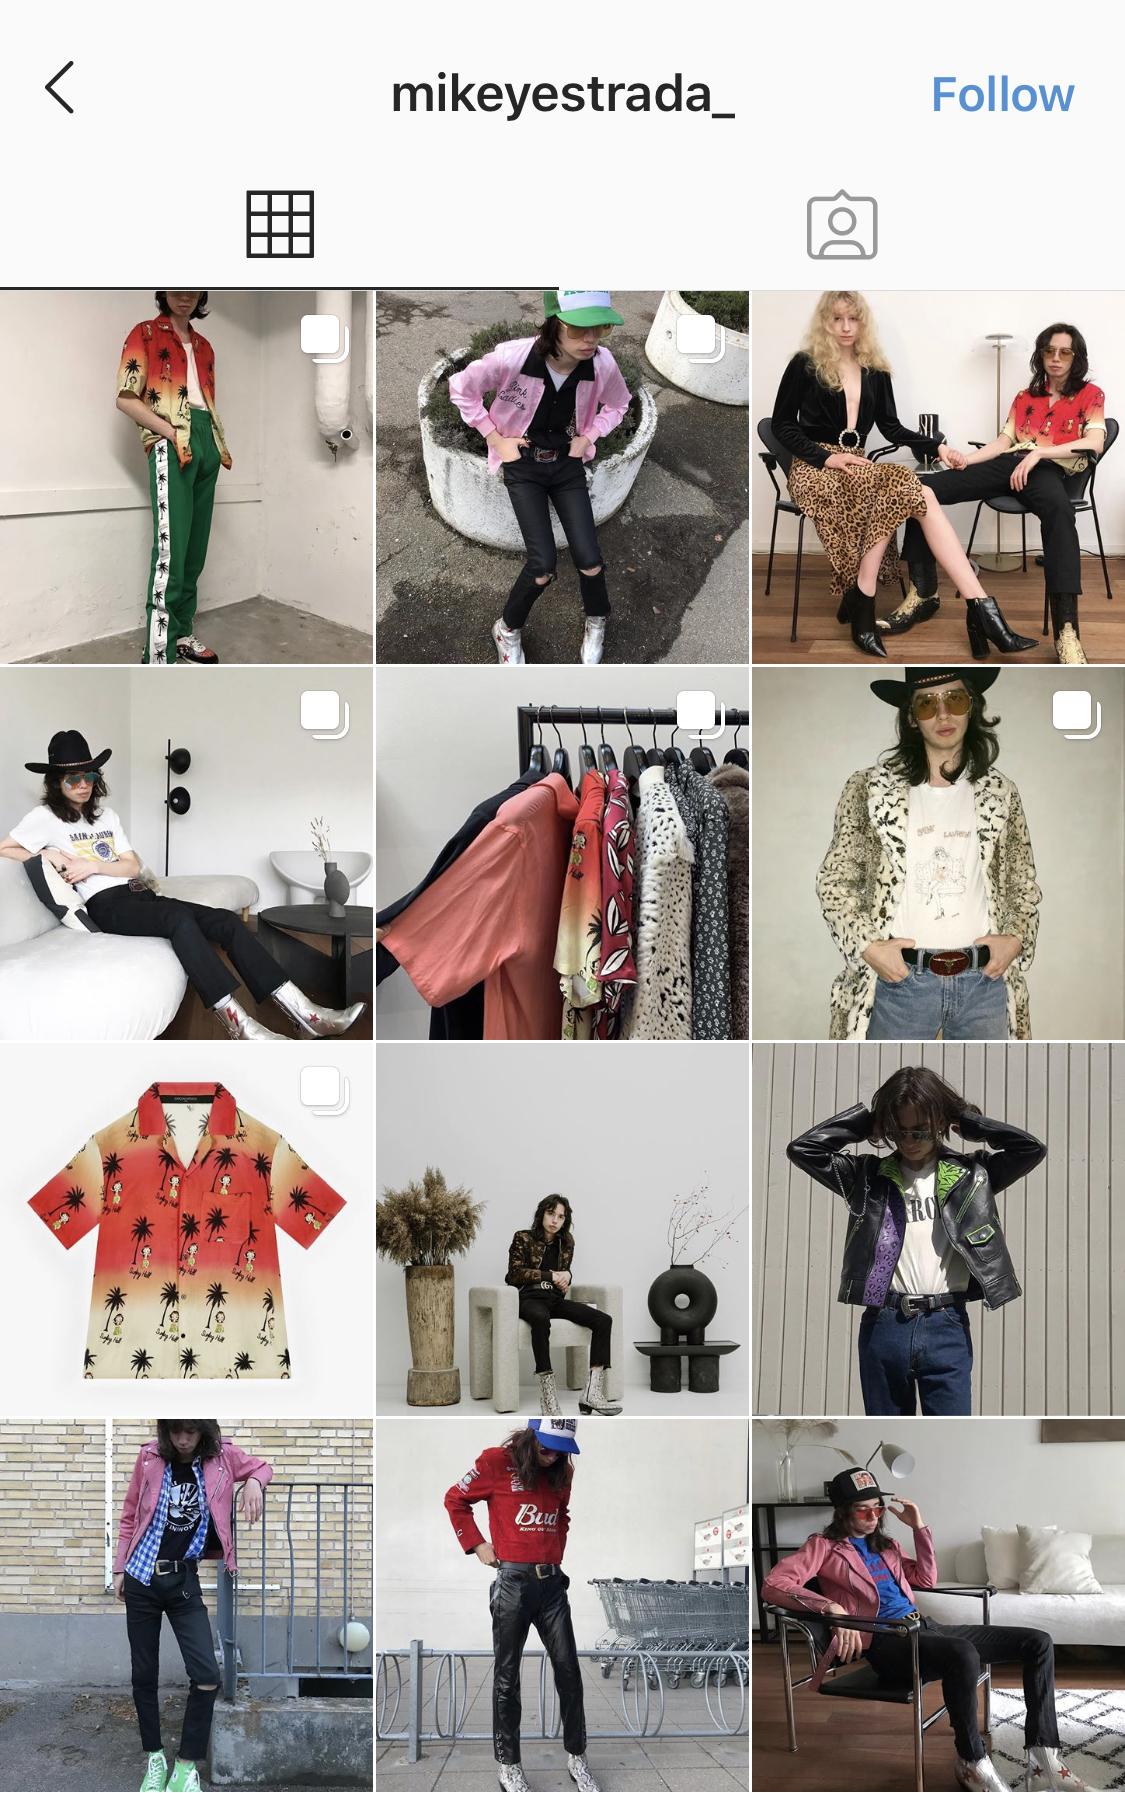 Nordic-Streetwear-Instagram-mikeyestrada_2.jpg